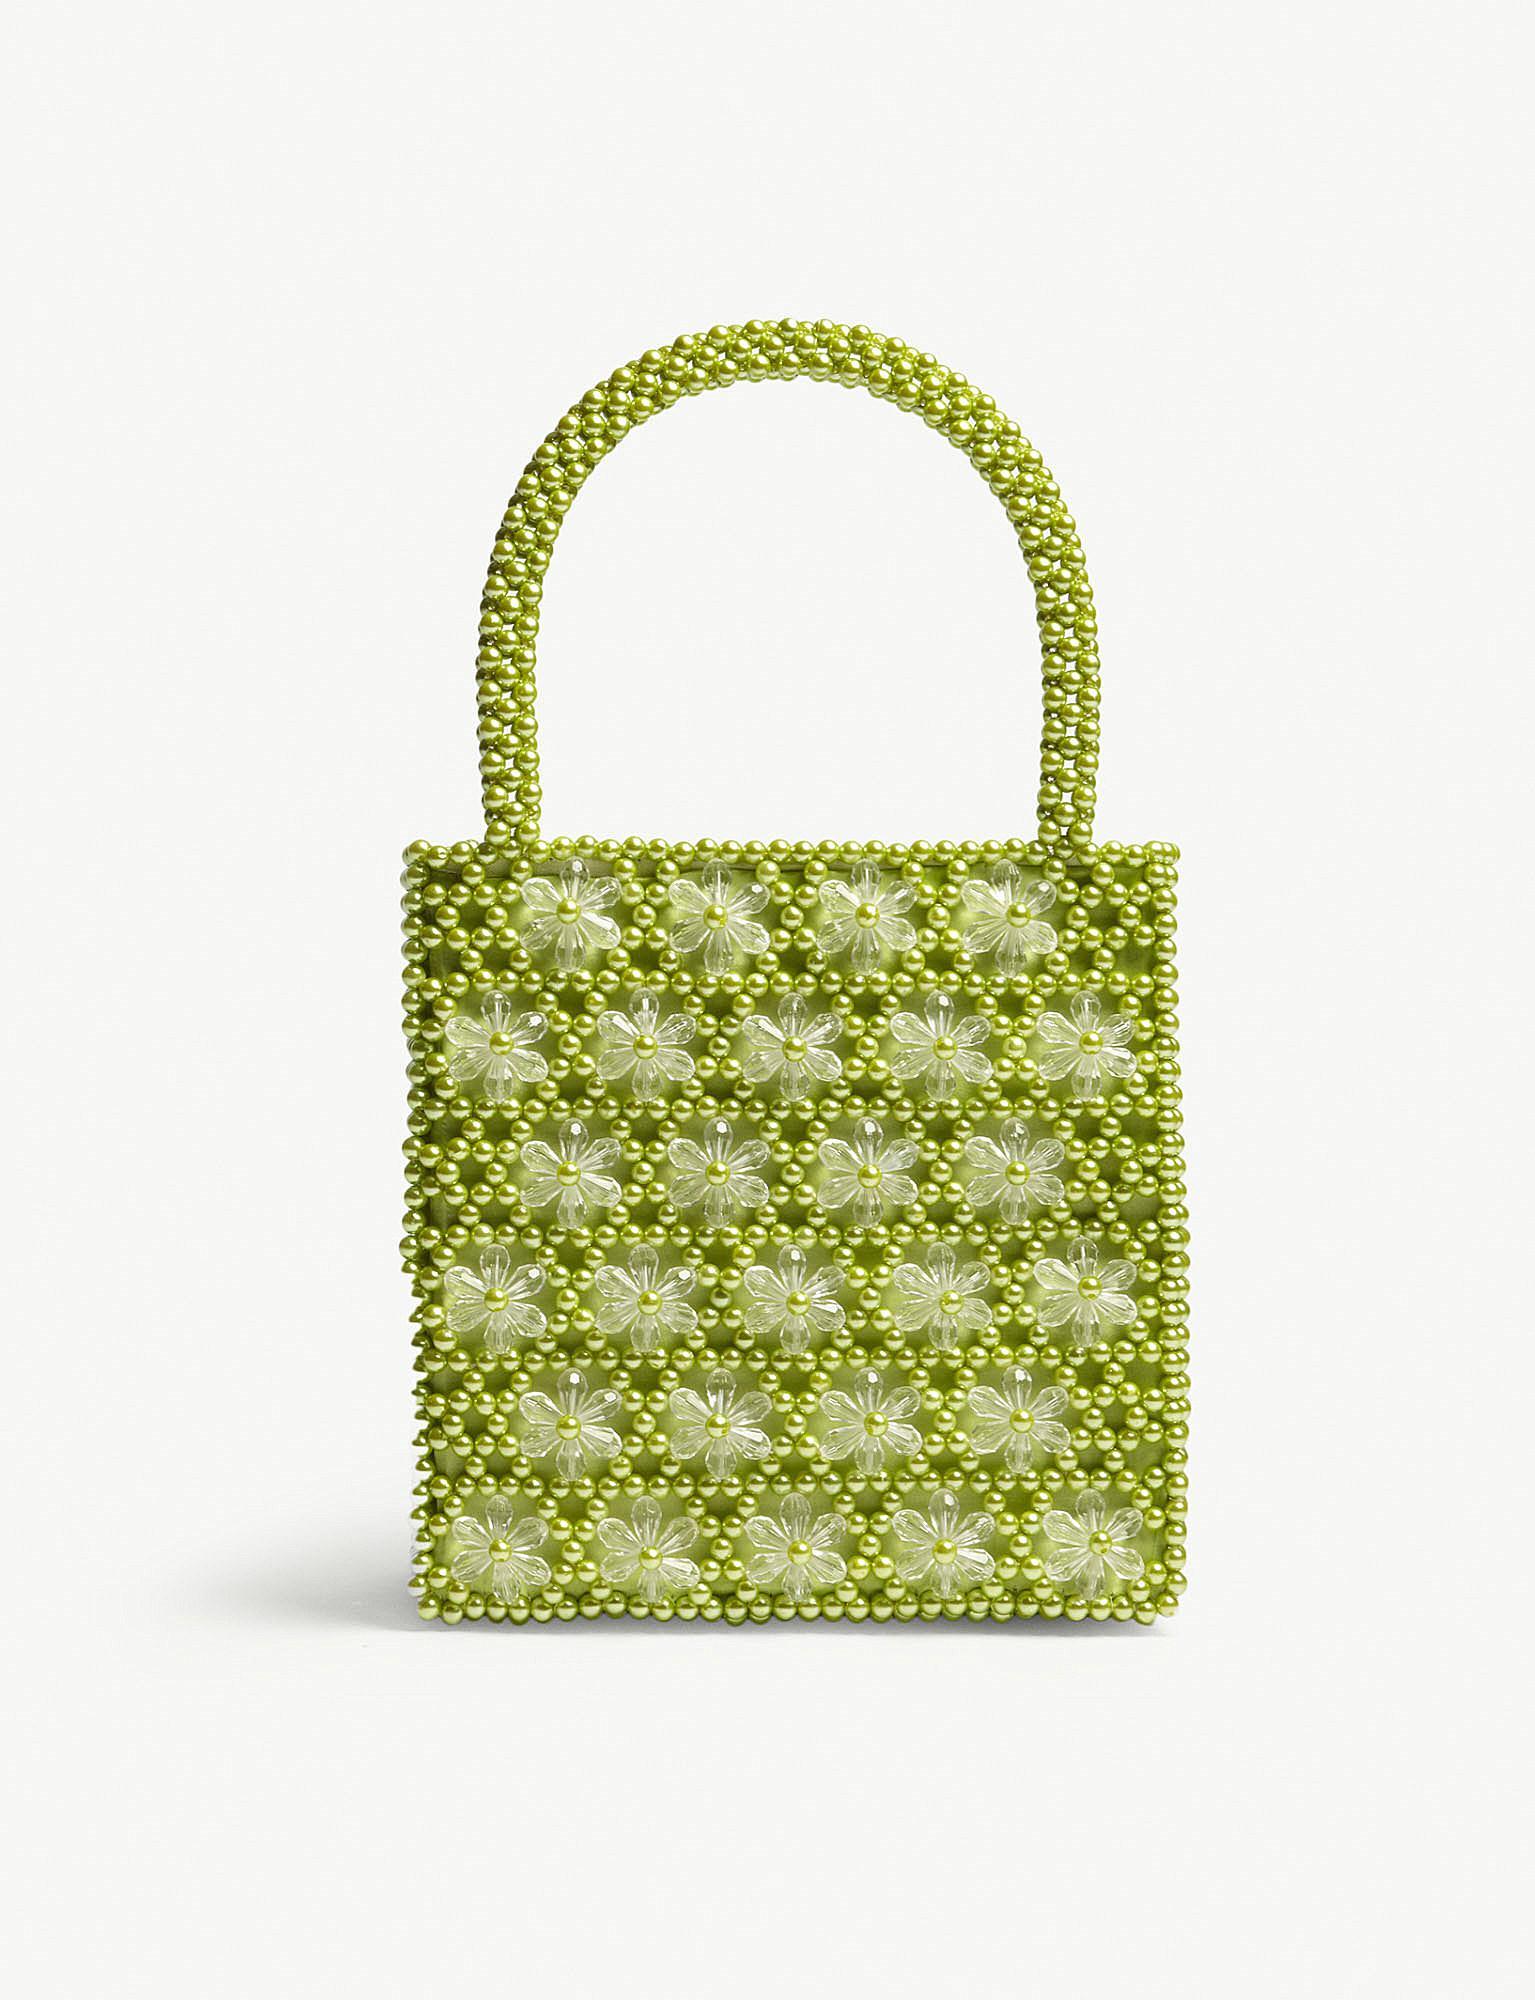 Shrimps S Acc Venezia Bead Bag in Green - Lyst 09d04910403a6